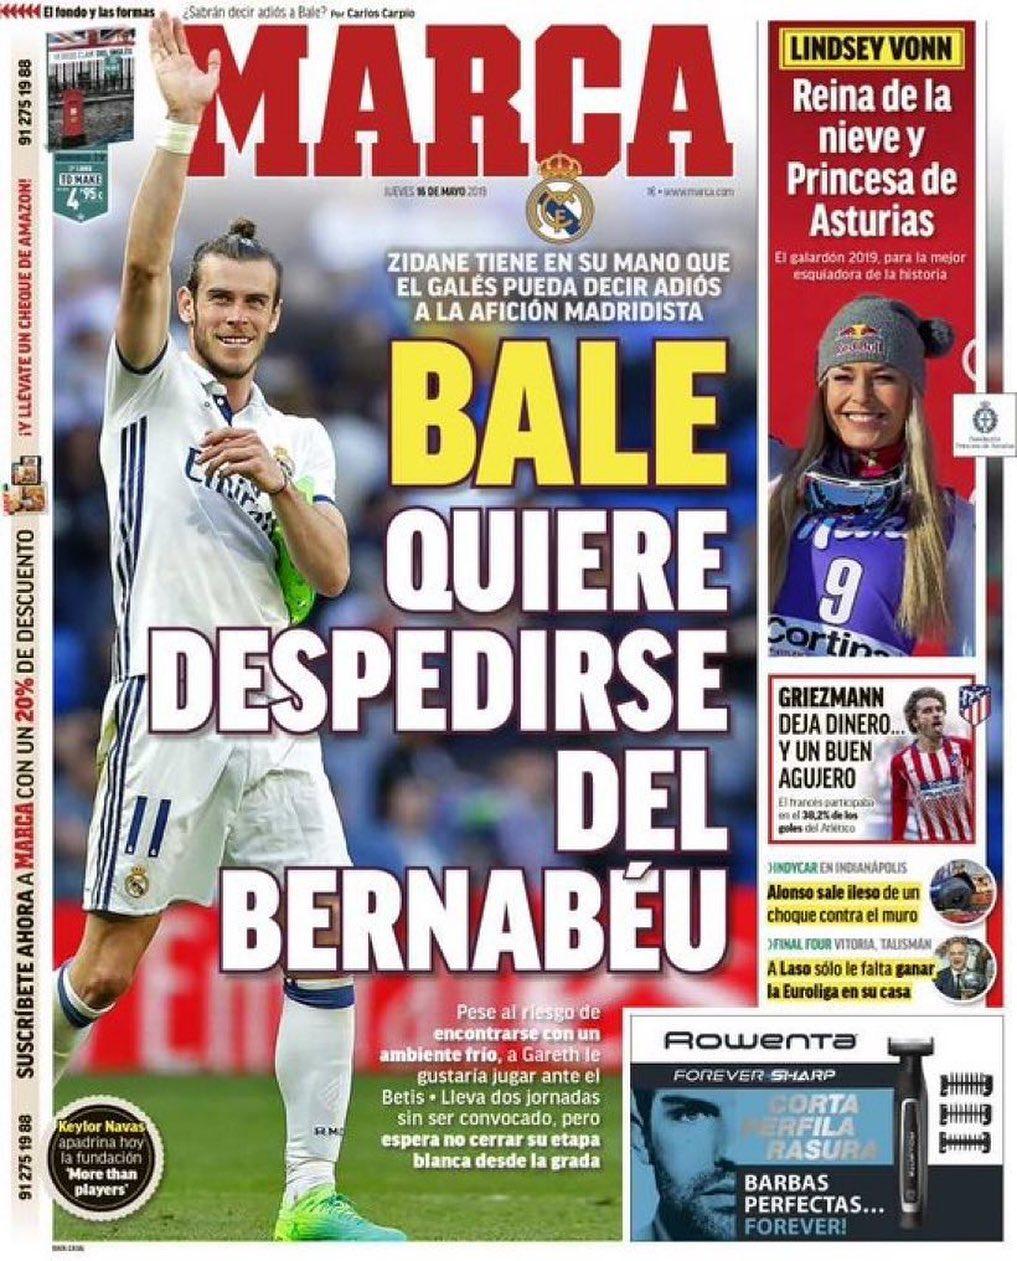 الماركا: بيليريدقولوداعاللبيرنابيو 0 0 0 0 0 #Realmadrid #benzema #zidane # …